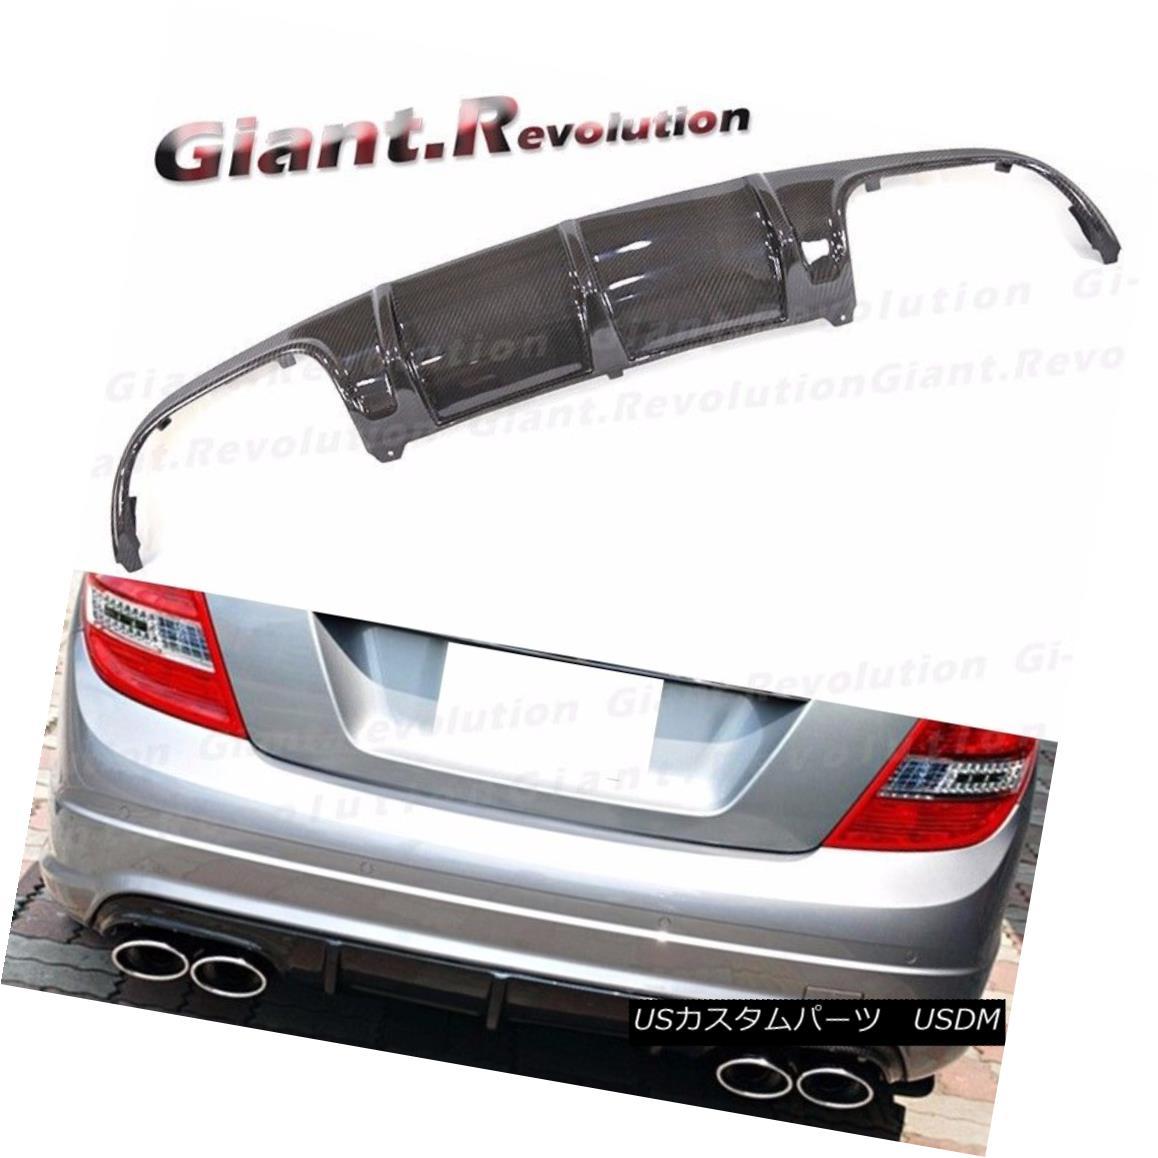 エアロパーツ C63AMG Type Carbon Fiber Bumper Diffuser Fit 08-11 BENZ W204 C300 C350 Sedan 4DR C63AMGタイプカーボンファイバーバンパーディフューザーフィット08-11ベンツW204 C300 C350セダン4DR